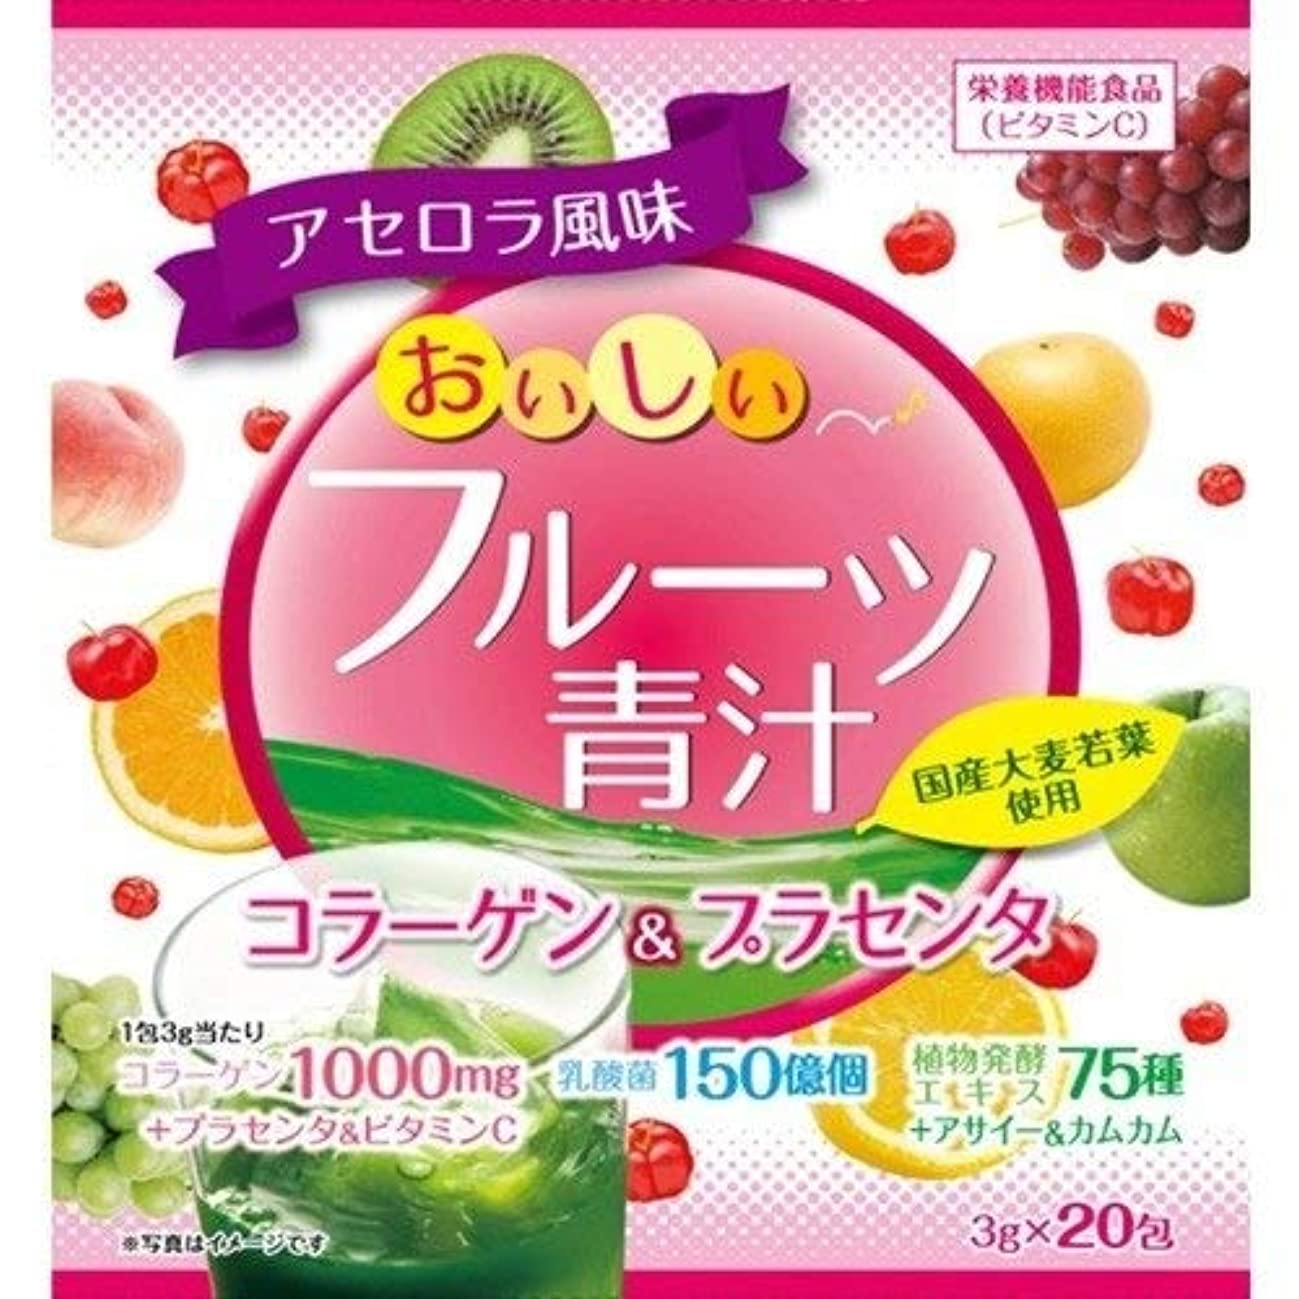 収縮交通志すおいしいフルーツ青汁コラーゲン&プラセンタ 3g×20包